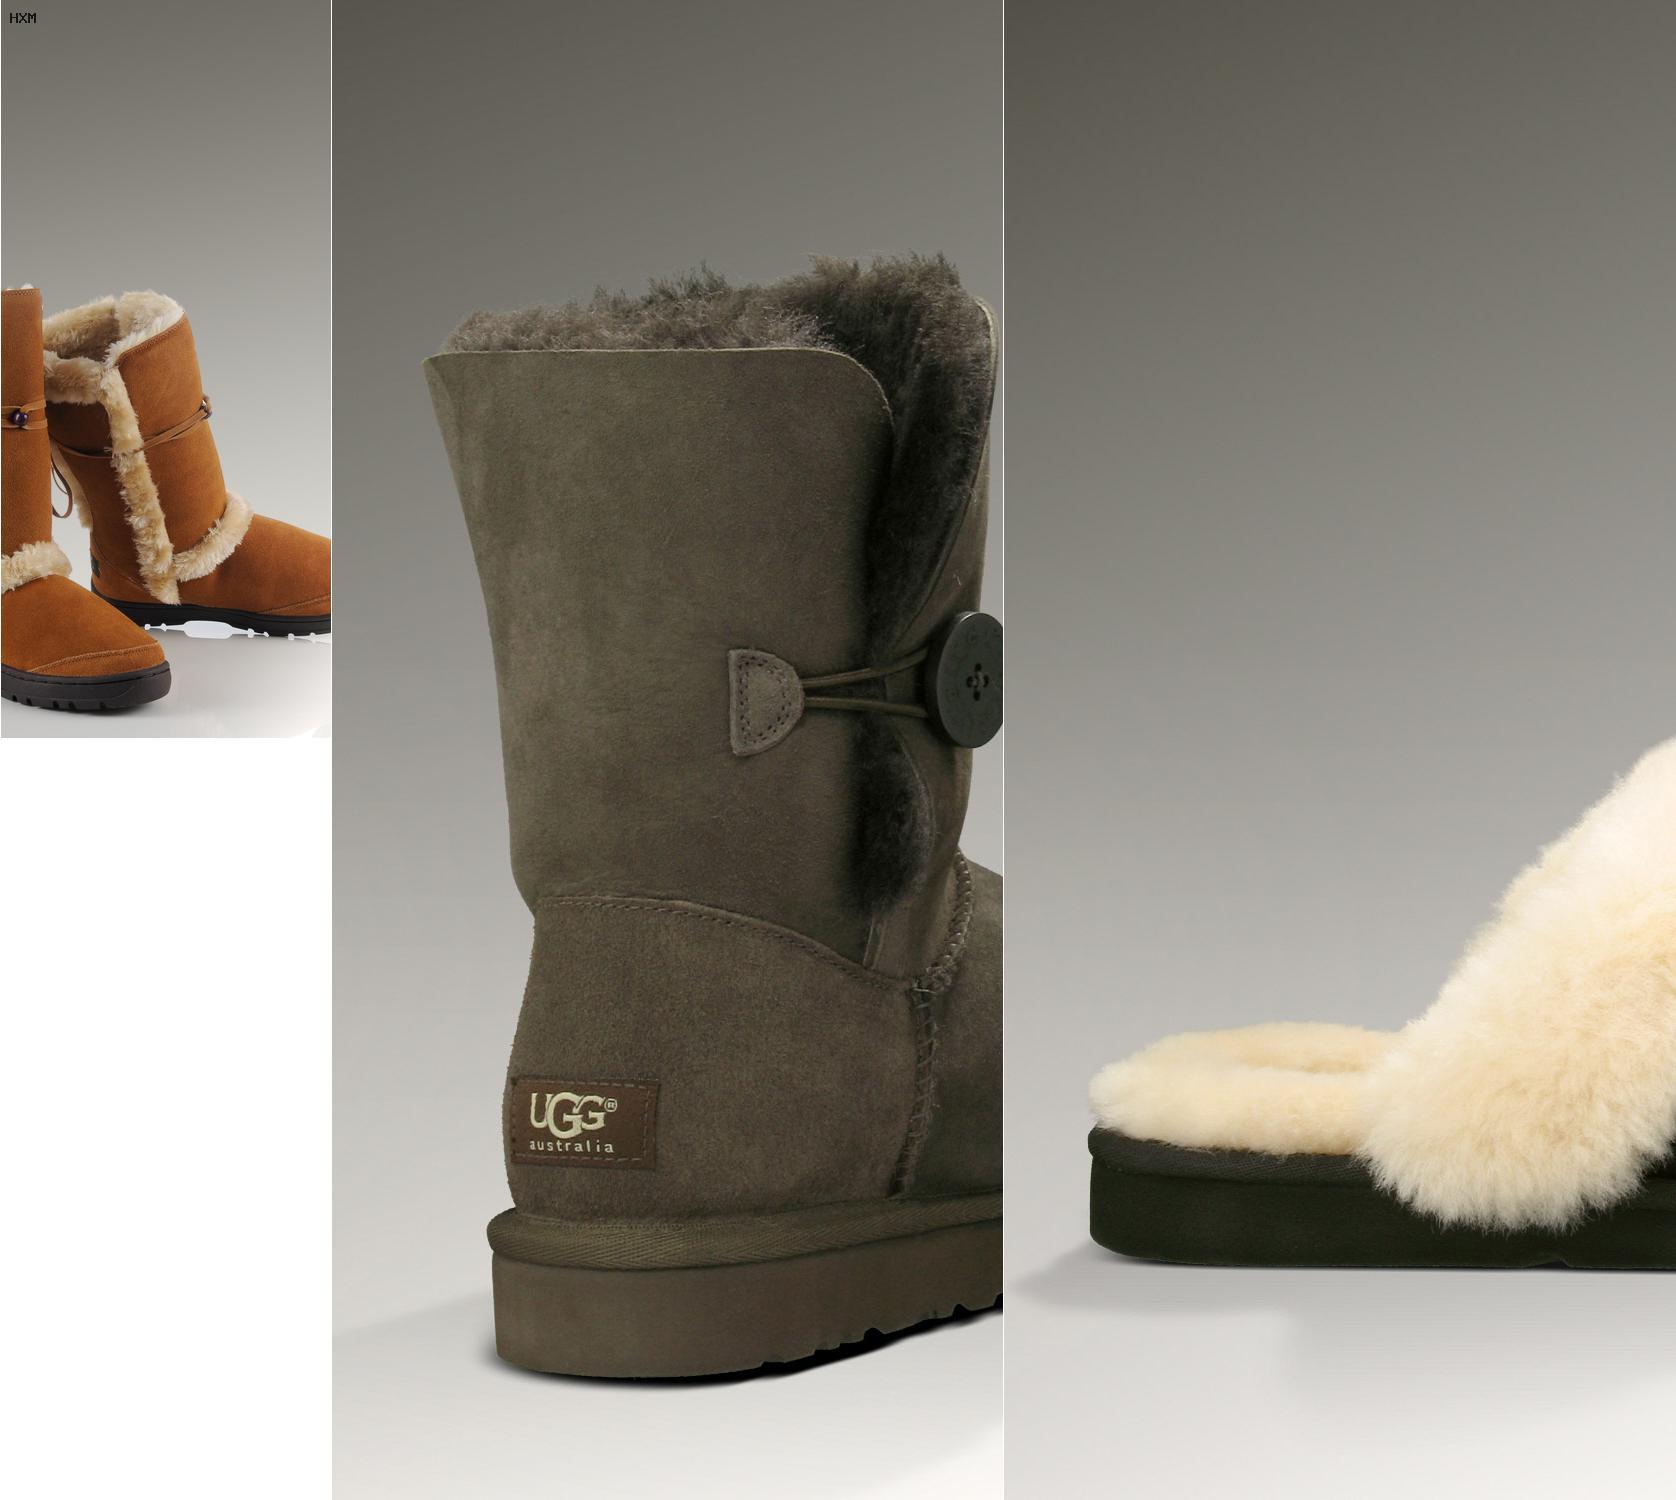 bottes de neige ugg femme